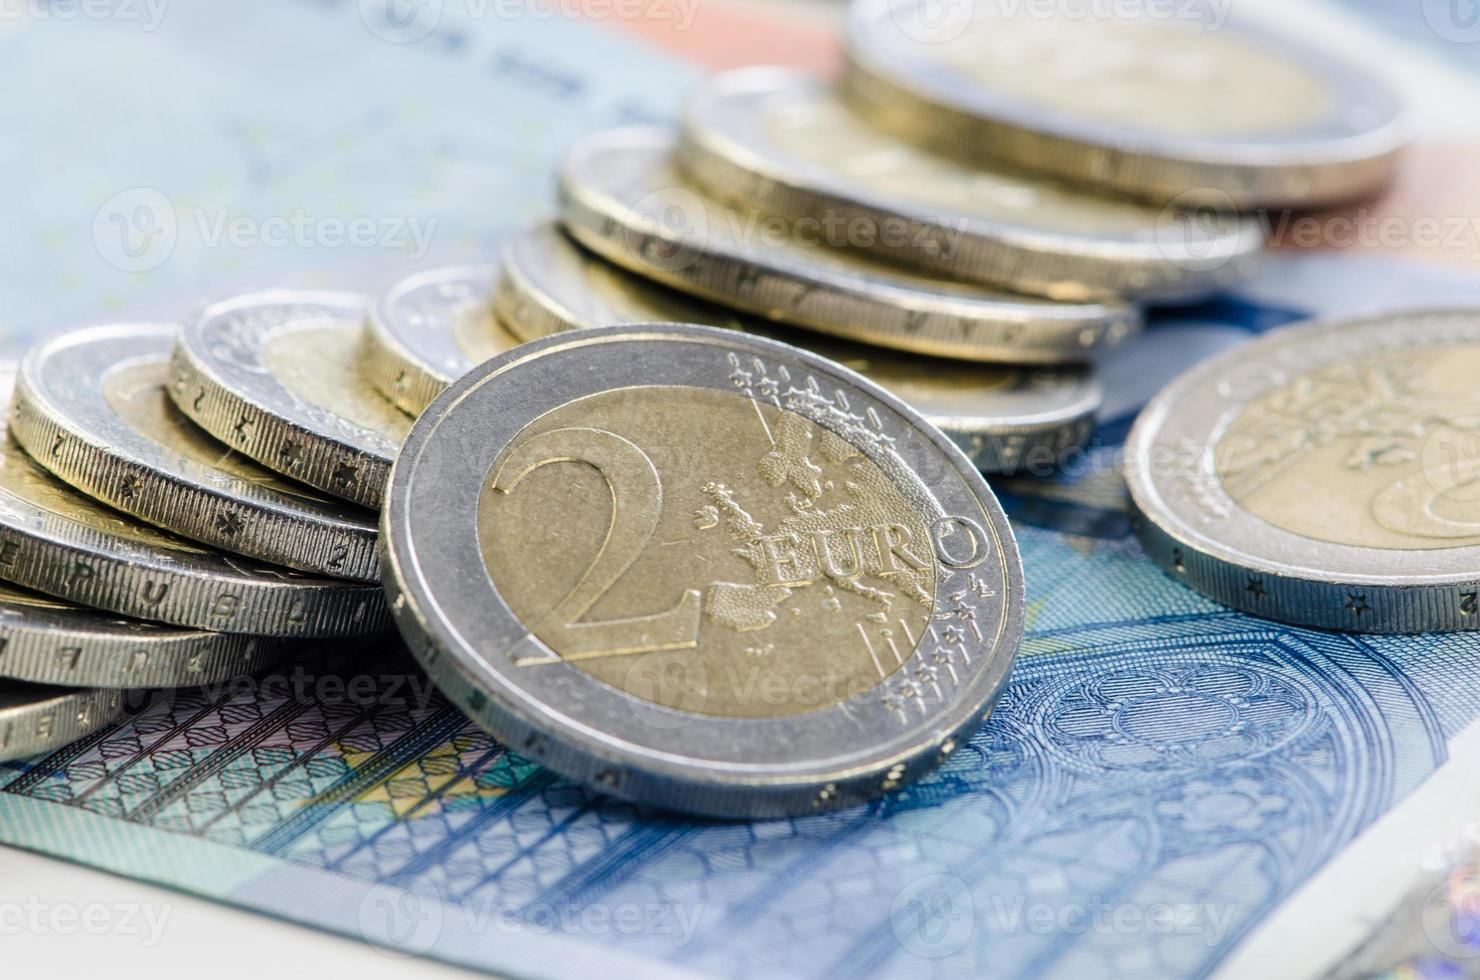 monedas y billetes foto